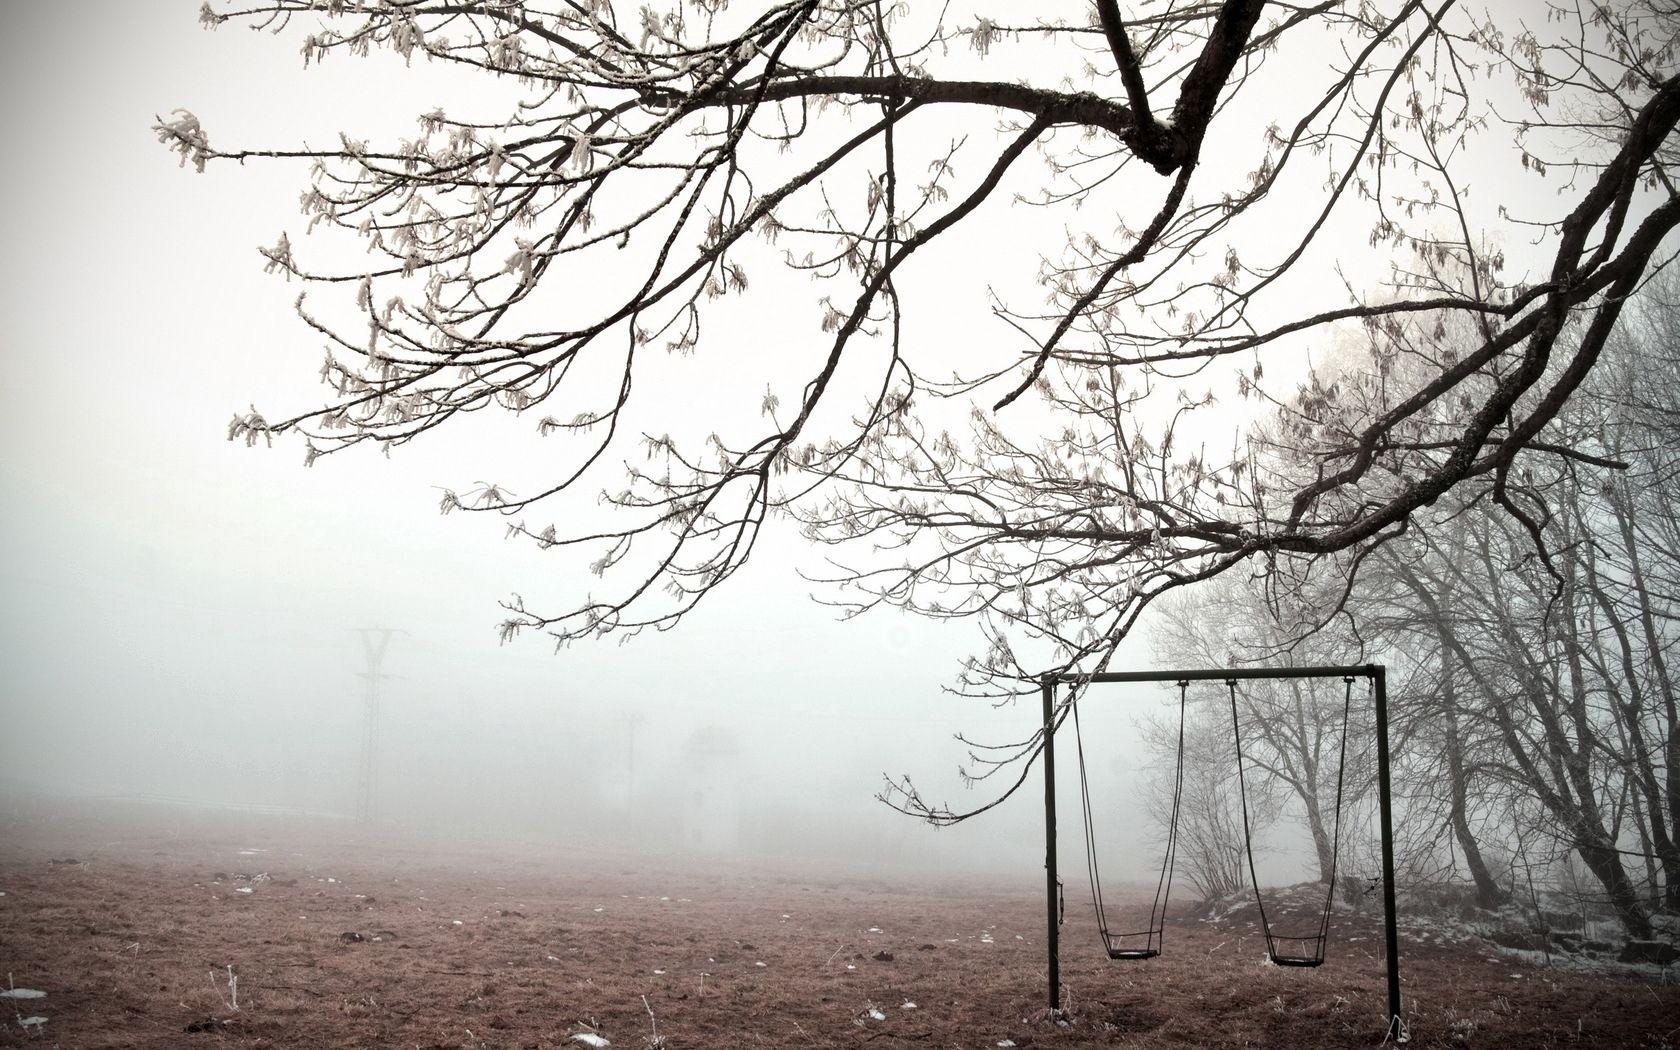 140117 скачать обои Природа, Качели, Дерево, Заморозки, Ветви, Лед, Холод, Пустота, Туман - заставки и картинки бесплатно